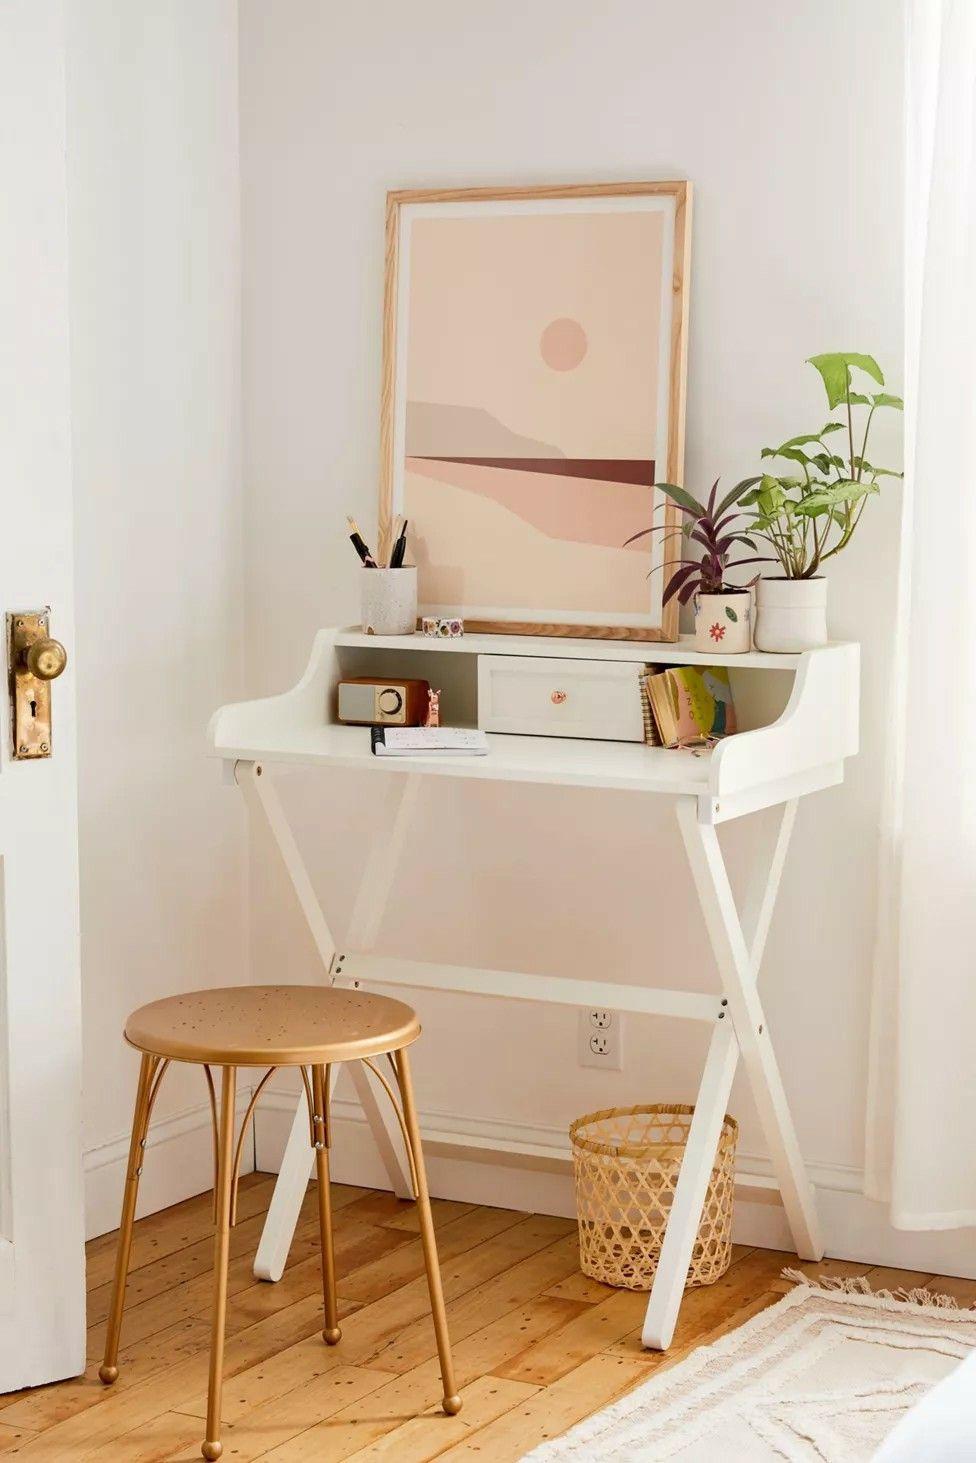 Gợi ý bạn những mẫu bàn làm việc tại nhà giúp bạn nâng cao hiệu suất làm việc như tại công ty - Ảnh 10.